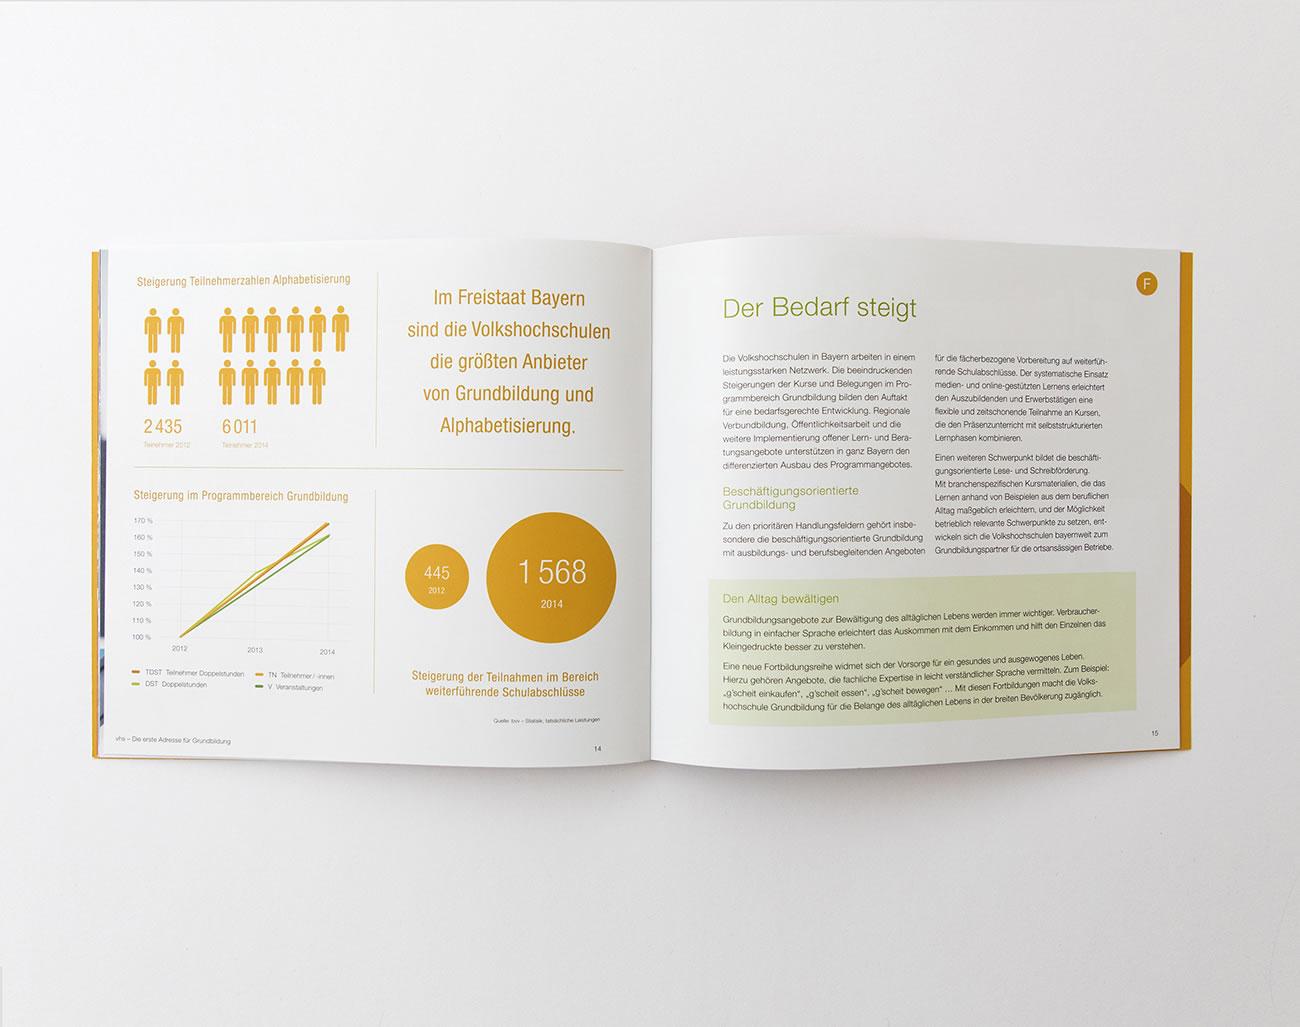 Petermeyer Zimmerer, Print, Broschüre, Grundbildung, Infografik, Bayerischer Volkshochschulverband